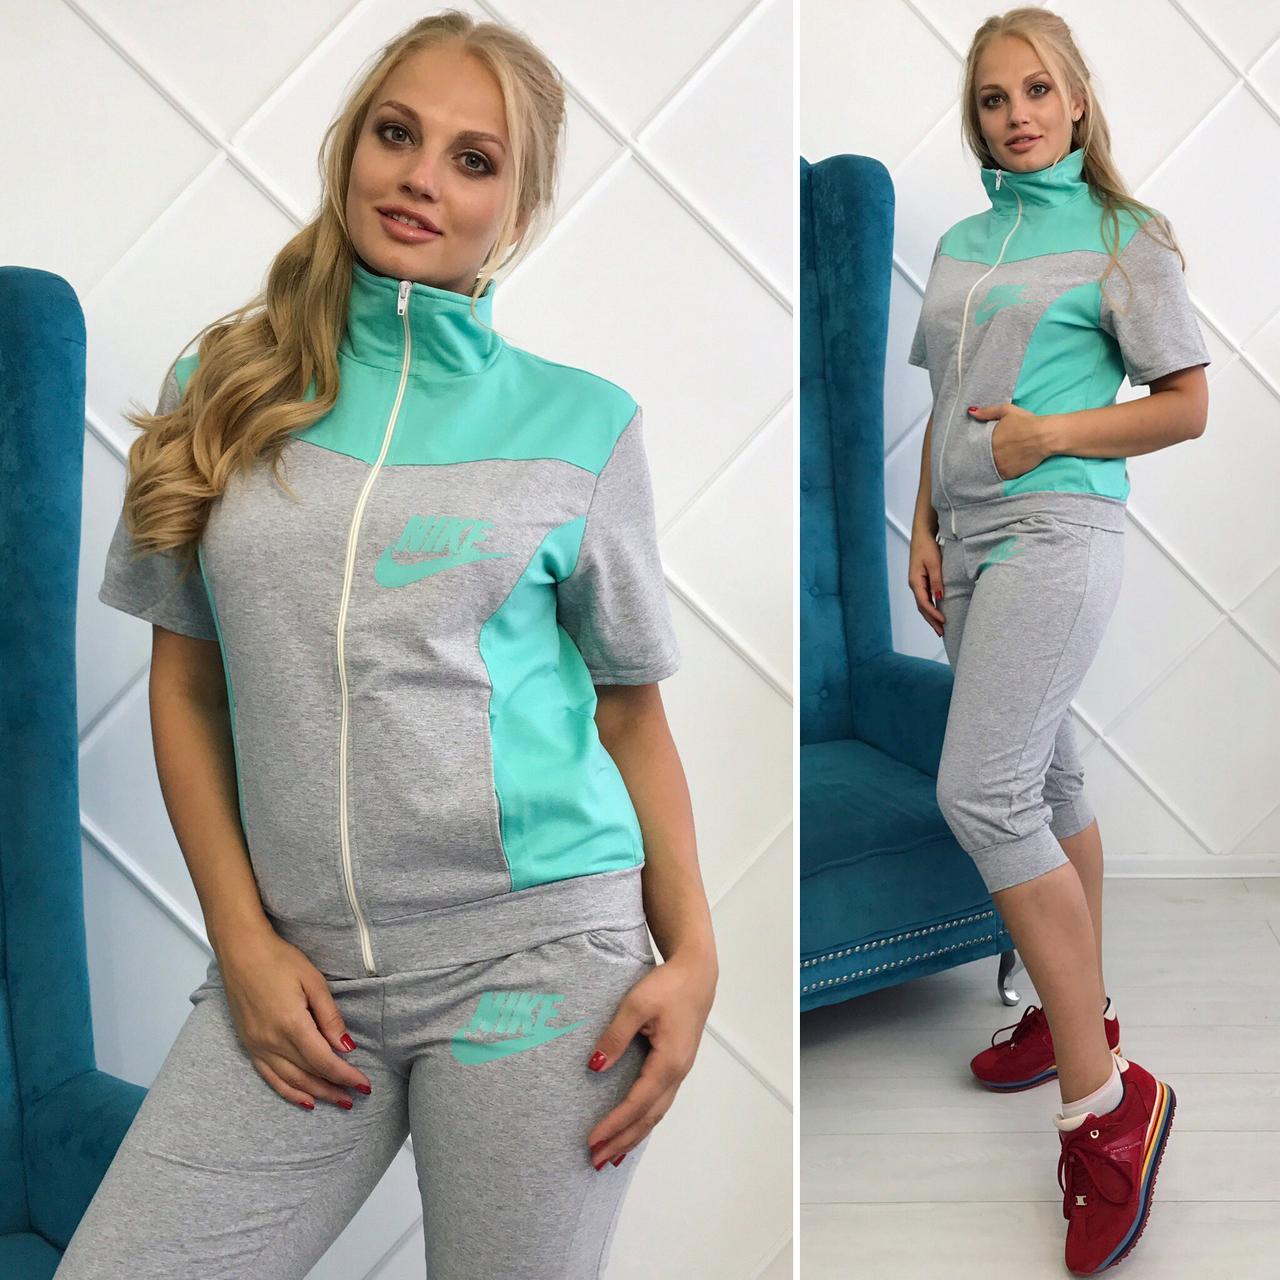 a87cd0bc Женский спортивный костюм Nike с бриджами - Интернет-магазин спортивной  одежды